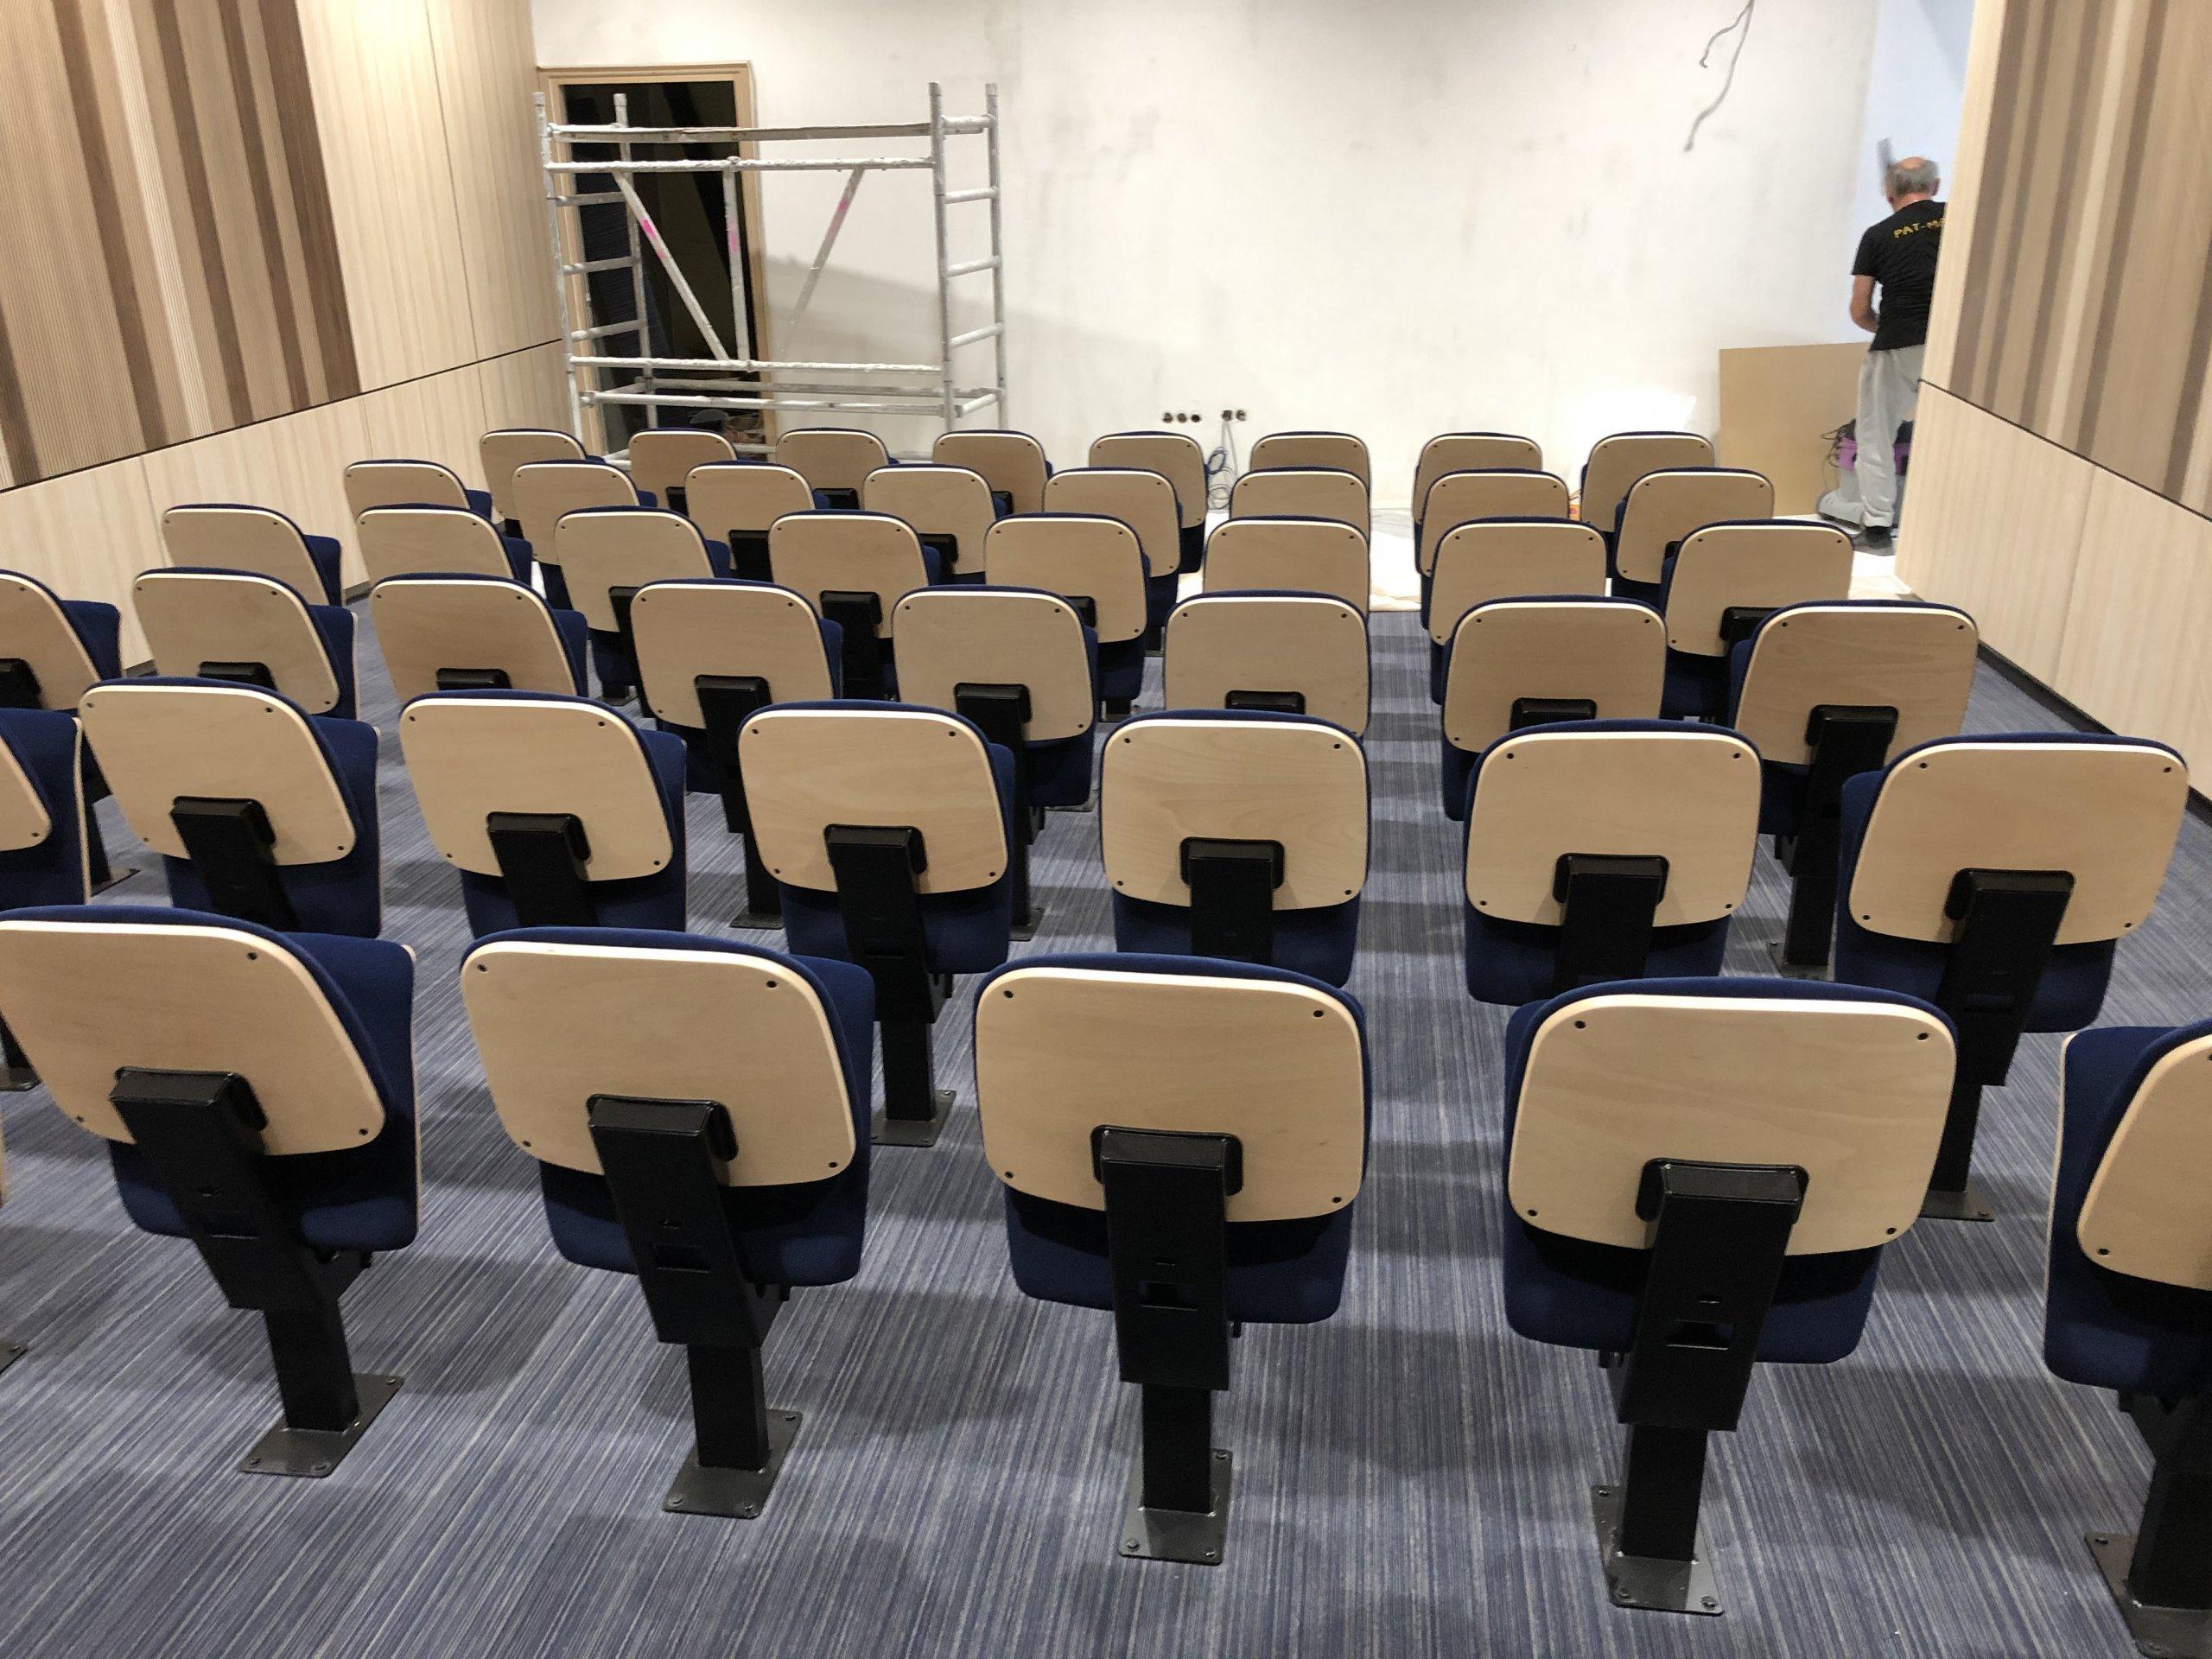 Kleslo - fauteuil Atrium Wingen sur moder - Leader de fabrication de fauteuils cinéma, théâtre ... fauteuil amphitheatre Ic v4